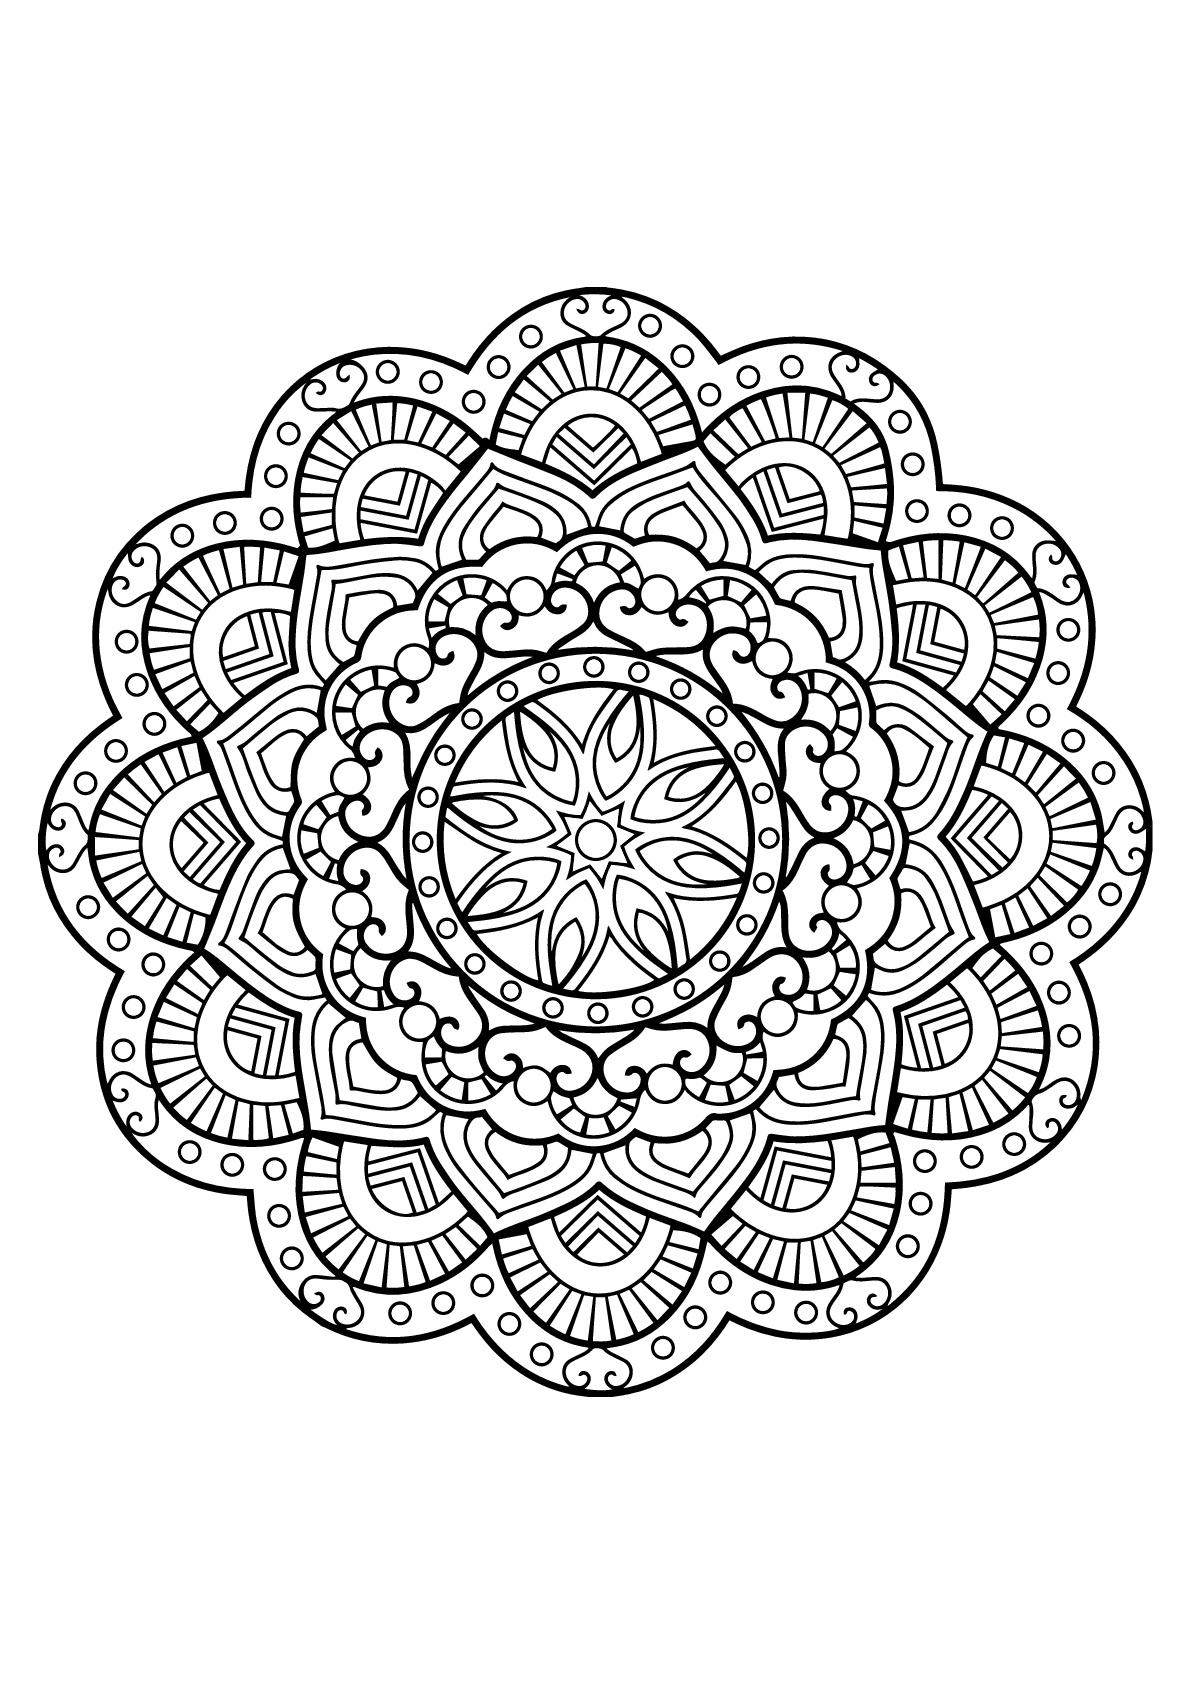 Mandala livre gratuit 26 mandalas coloriages difficiles pour adultes - Coloriages pour adultes ...